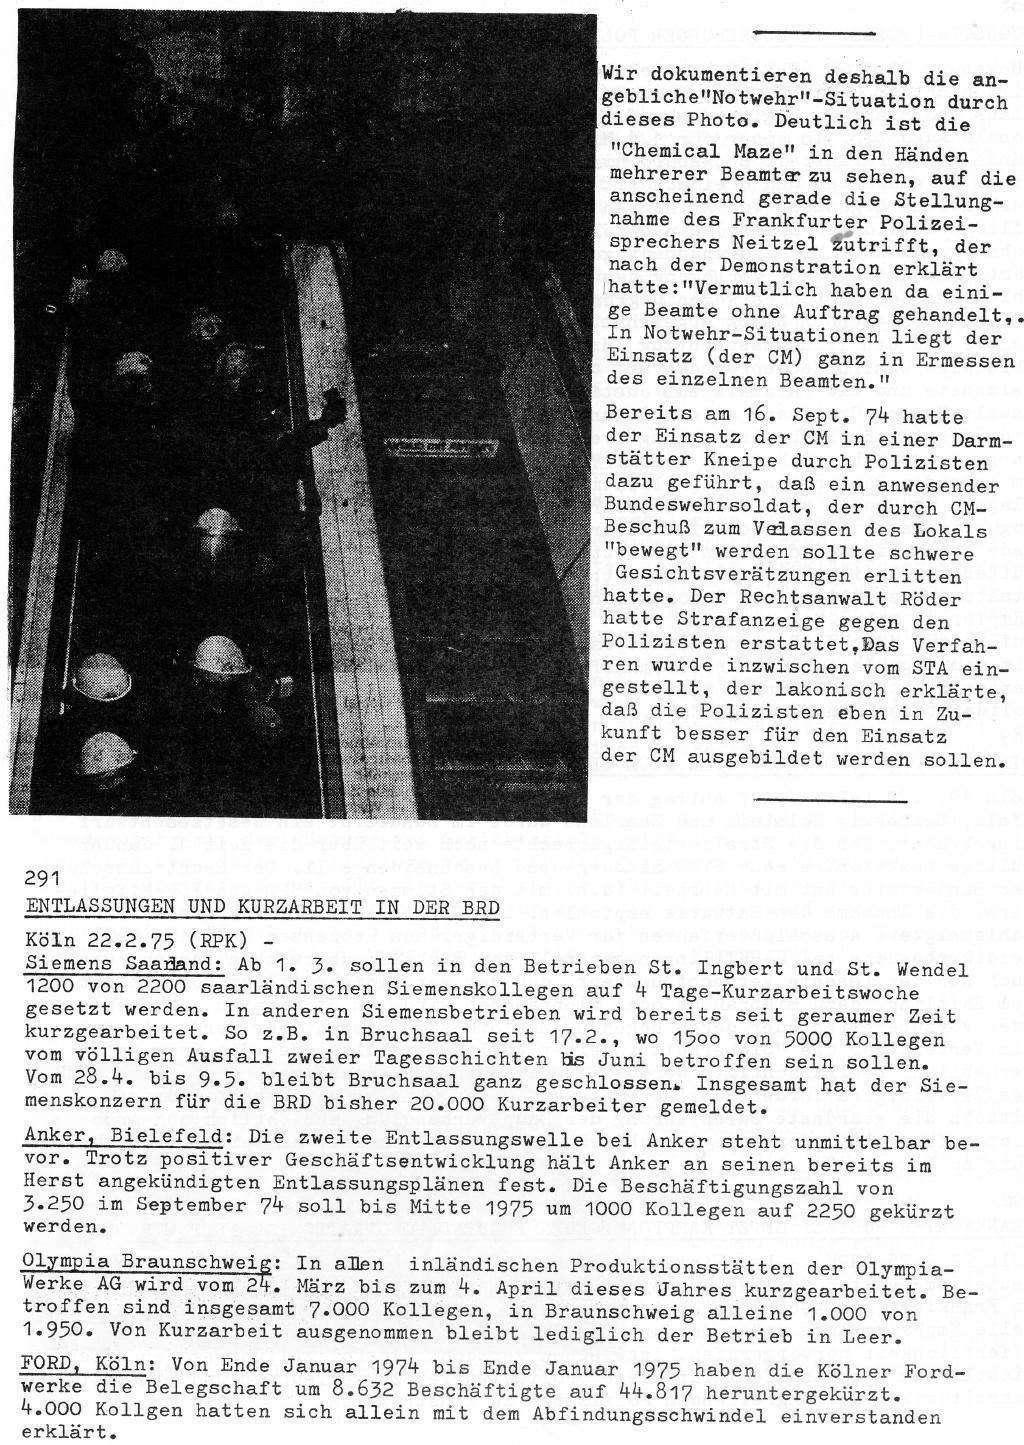 RPK_Pressedienst_1975_14_06